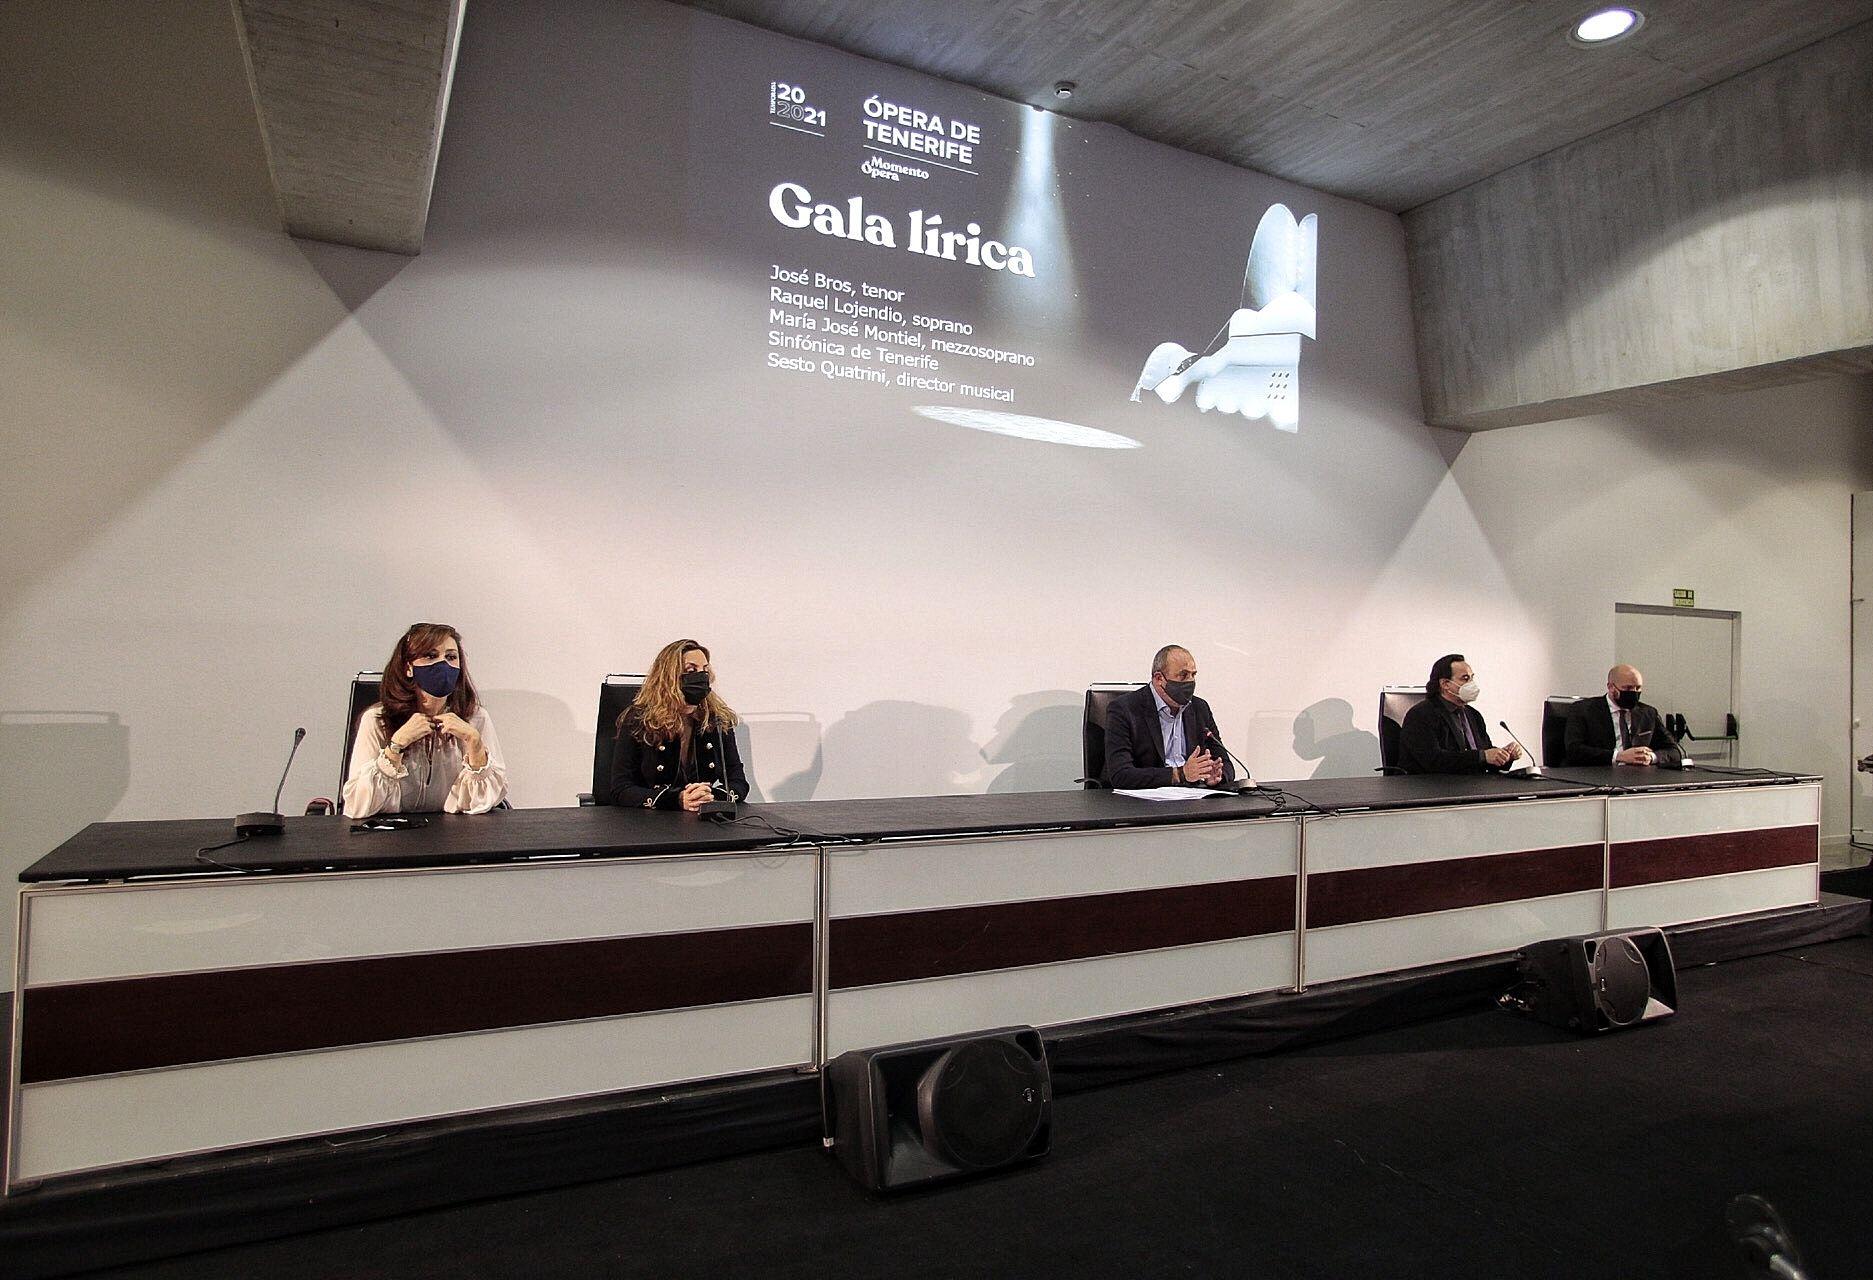 Presentación de 'Gala Lírica' de Ópera de Tenerife